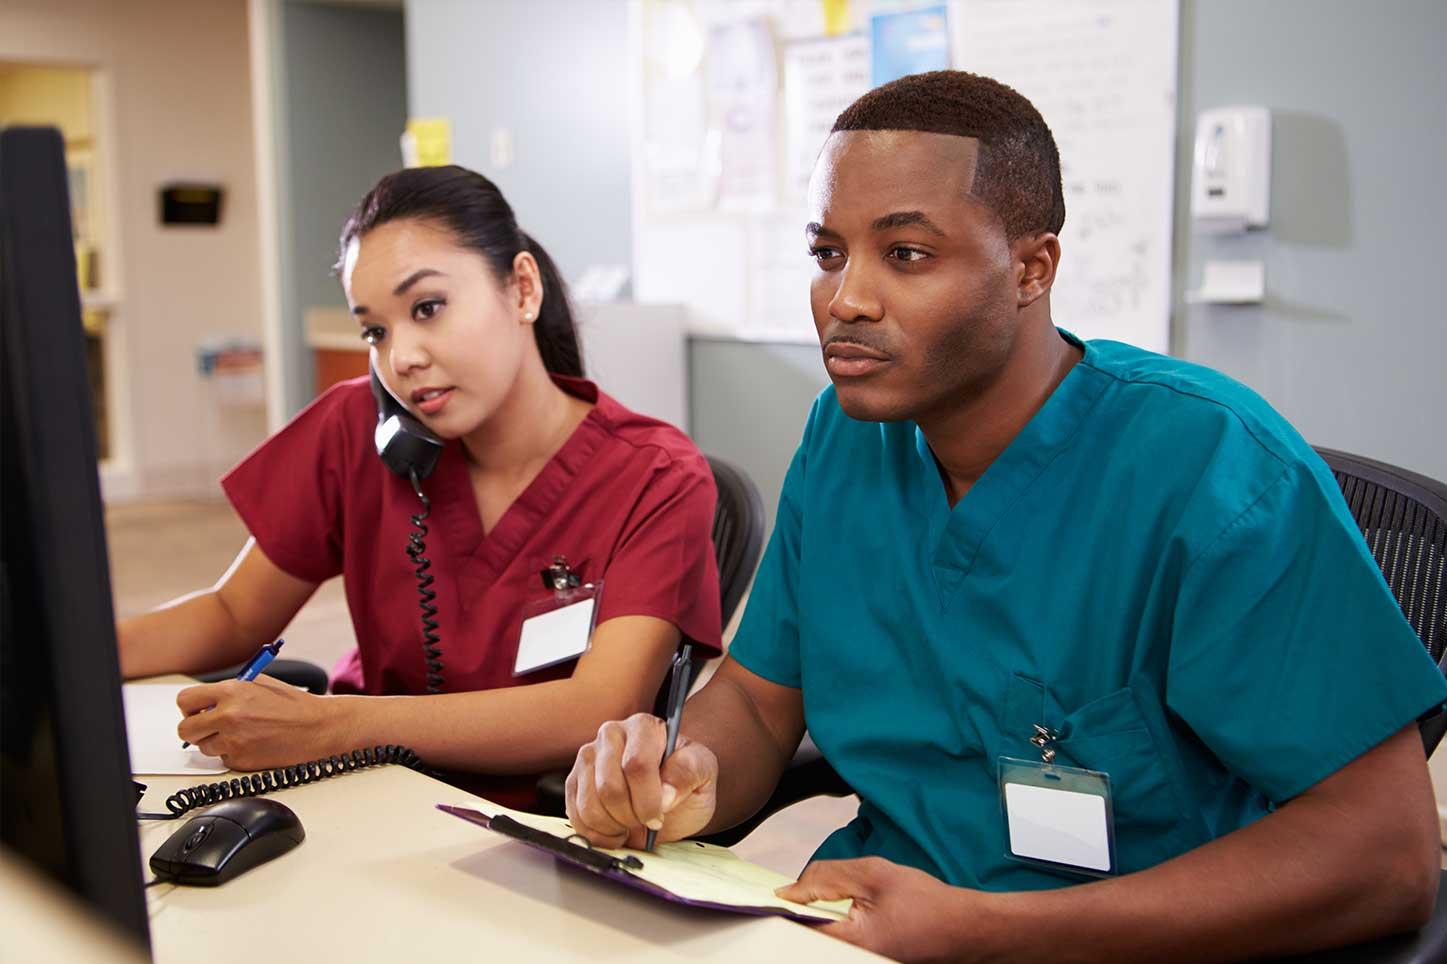 Nurses-at-nursing-station